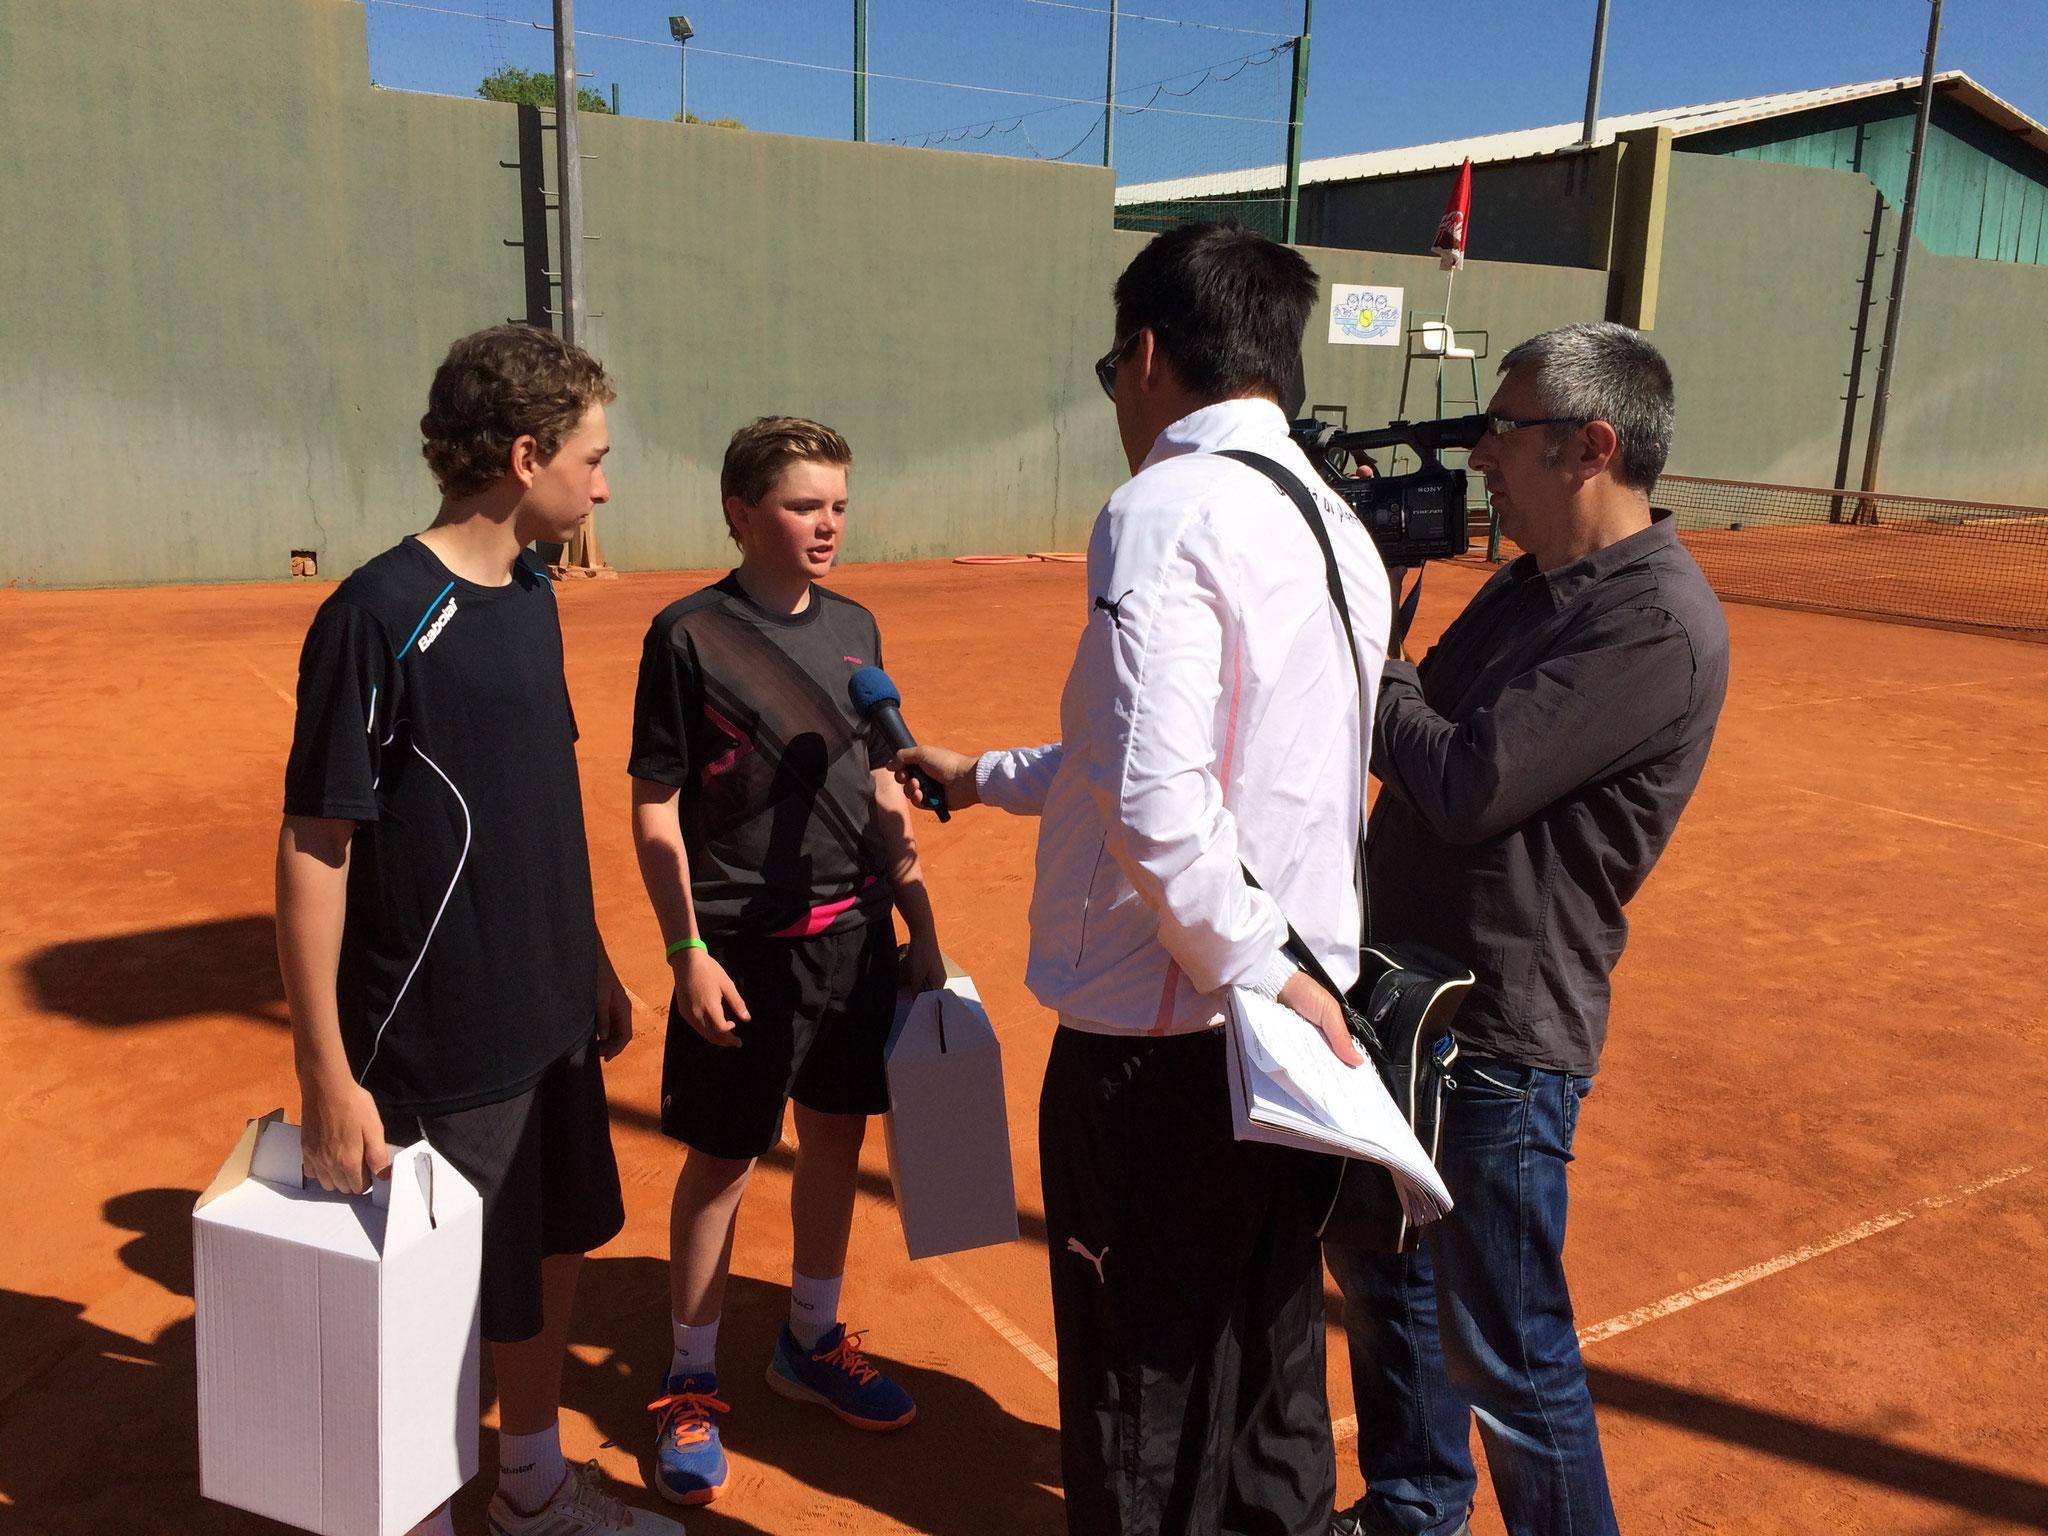 Nach dem Sieg gab es ein Interview auf englisch für's kroatische Fernsehen.